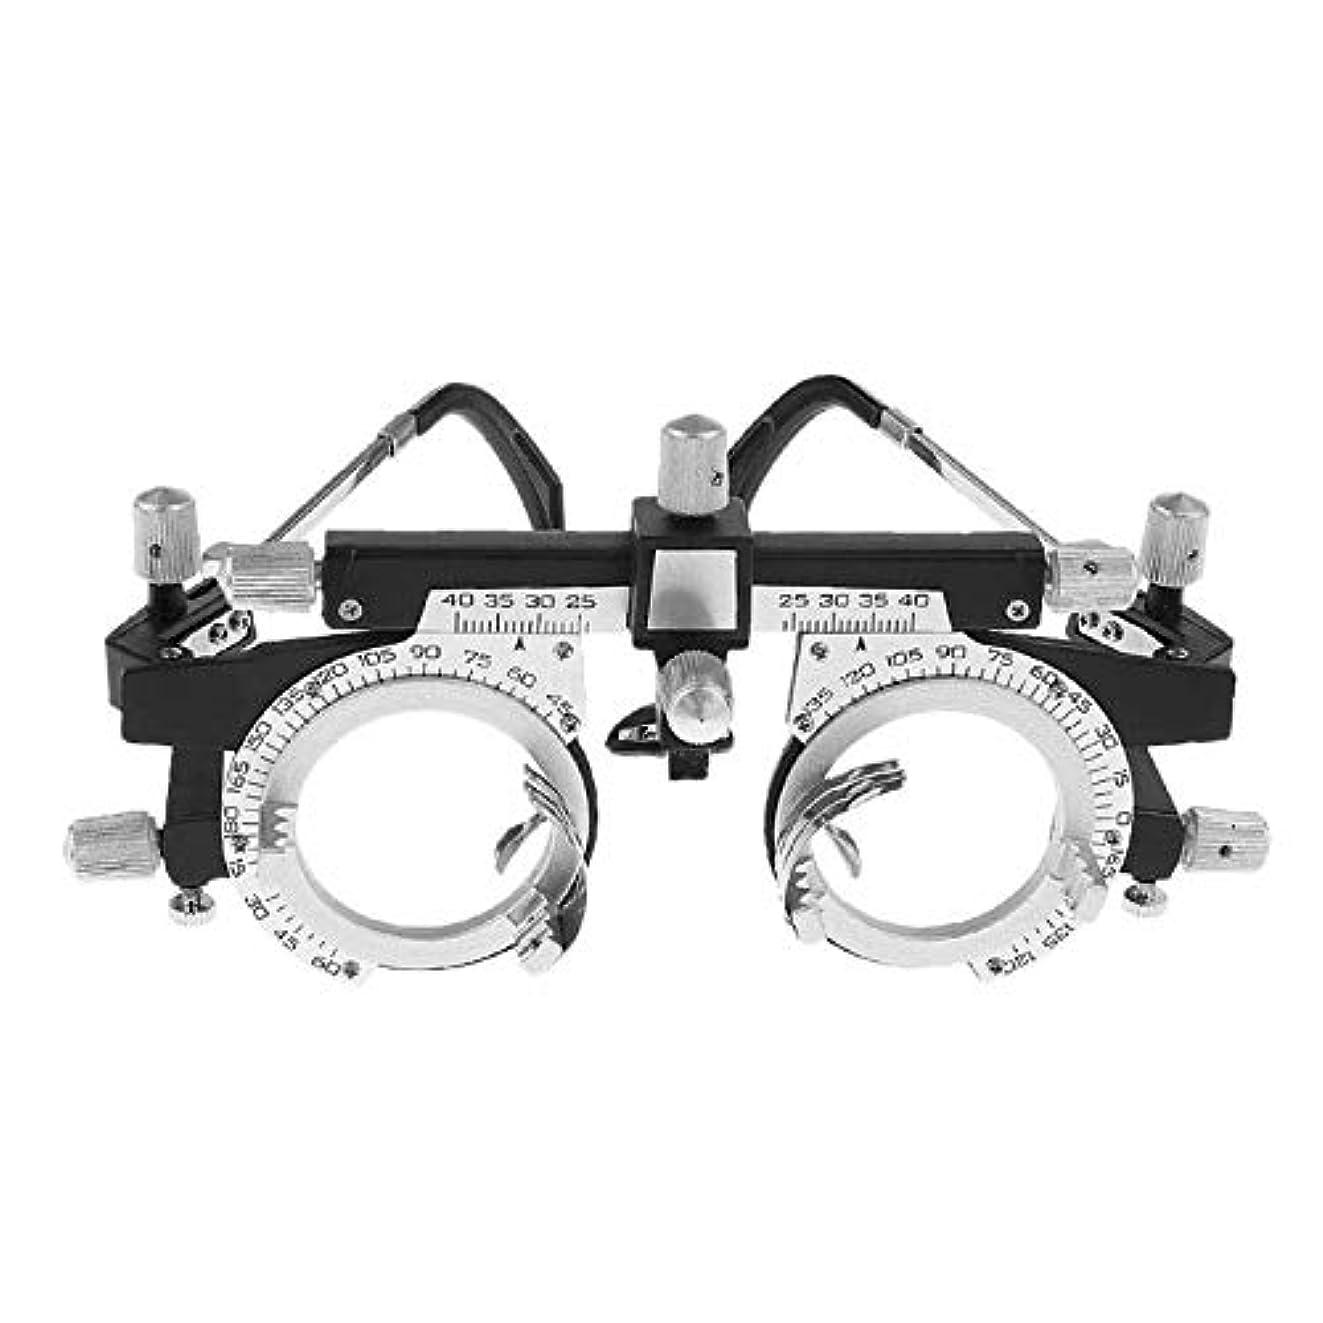 パーク言い換えると平らにするQuquack 調整可能なプロフェッショナルアイウェア検眼メタルフレーム光学眼鏡眼鏡トライアルレンズメタルフレームPD眼鏡アクセサリー